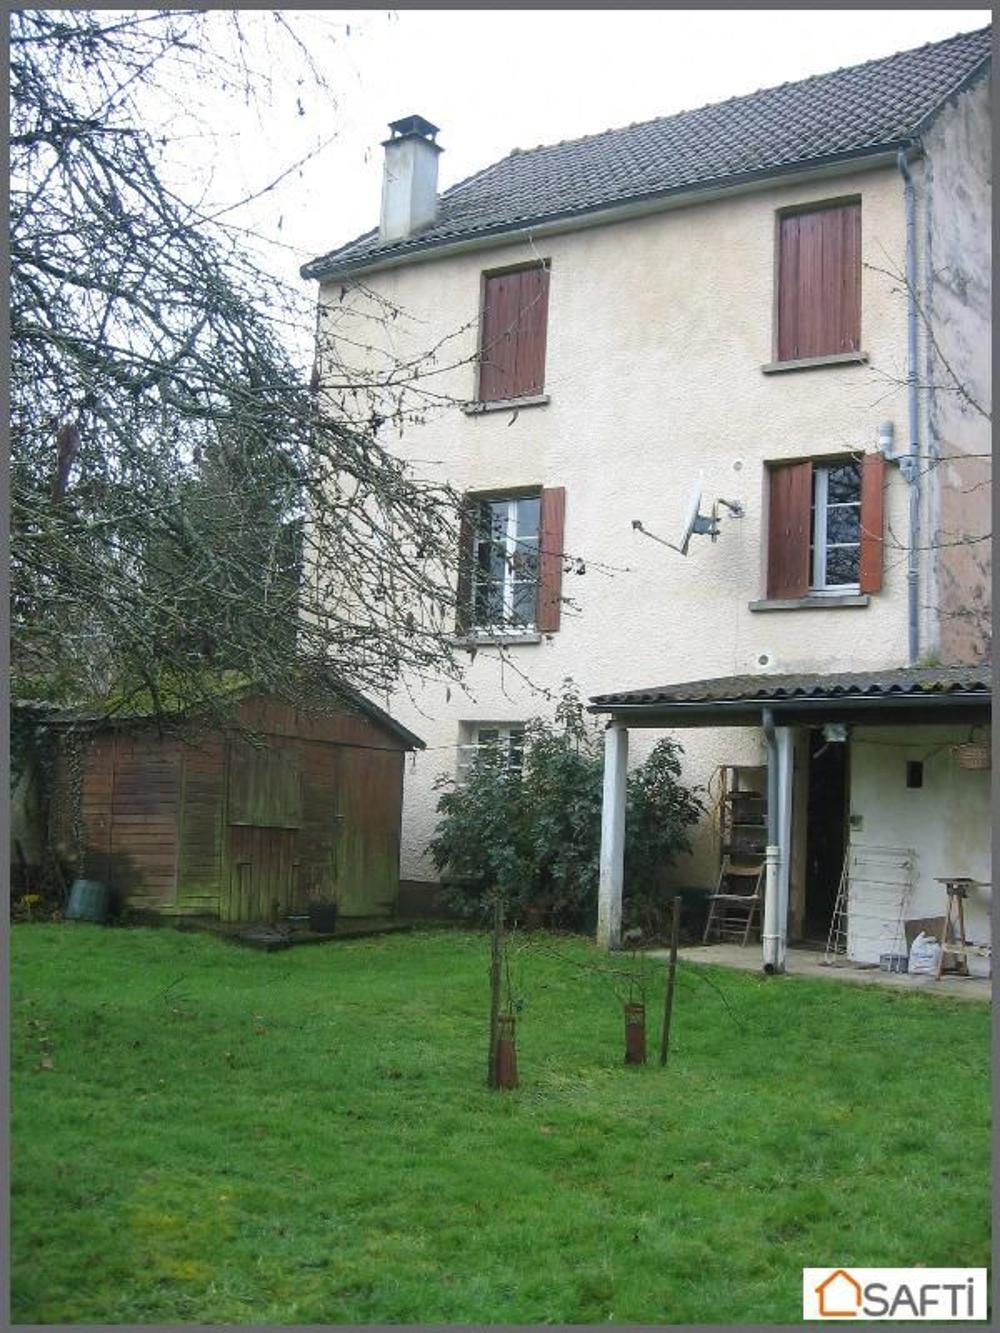 Jaulgonne Aisne Haus Bild 3469332